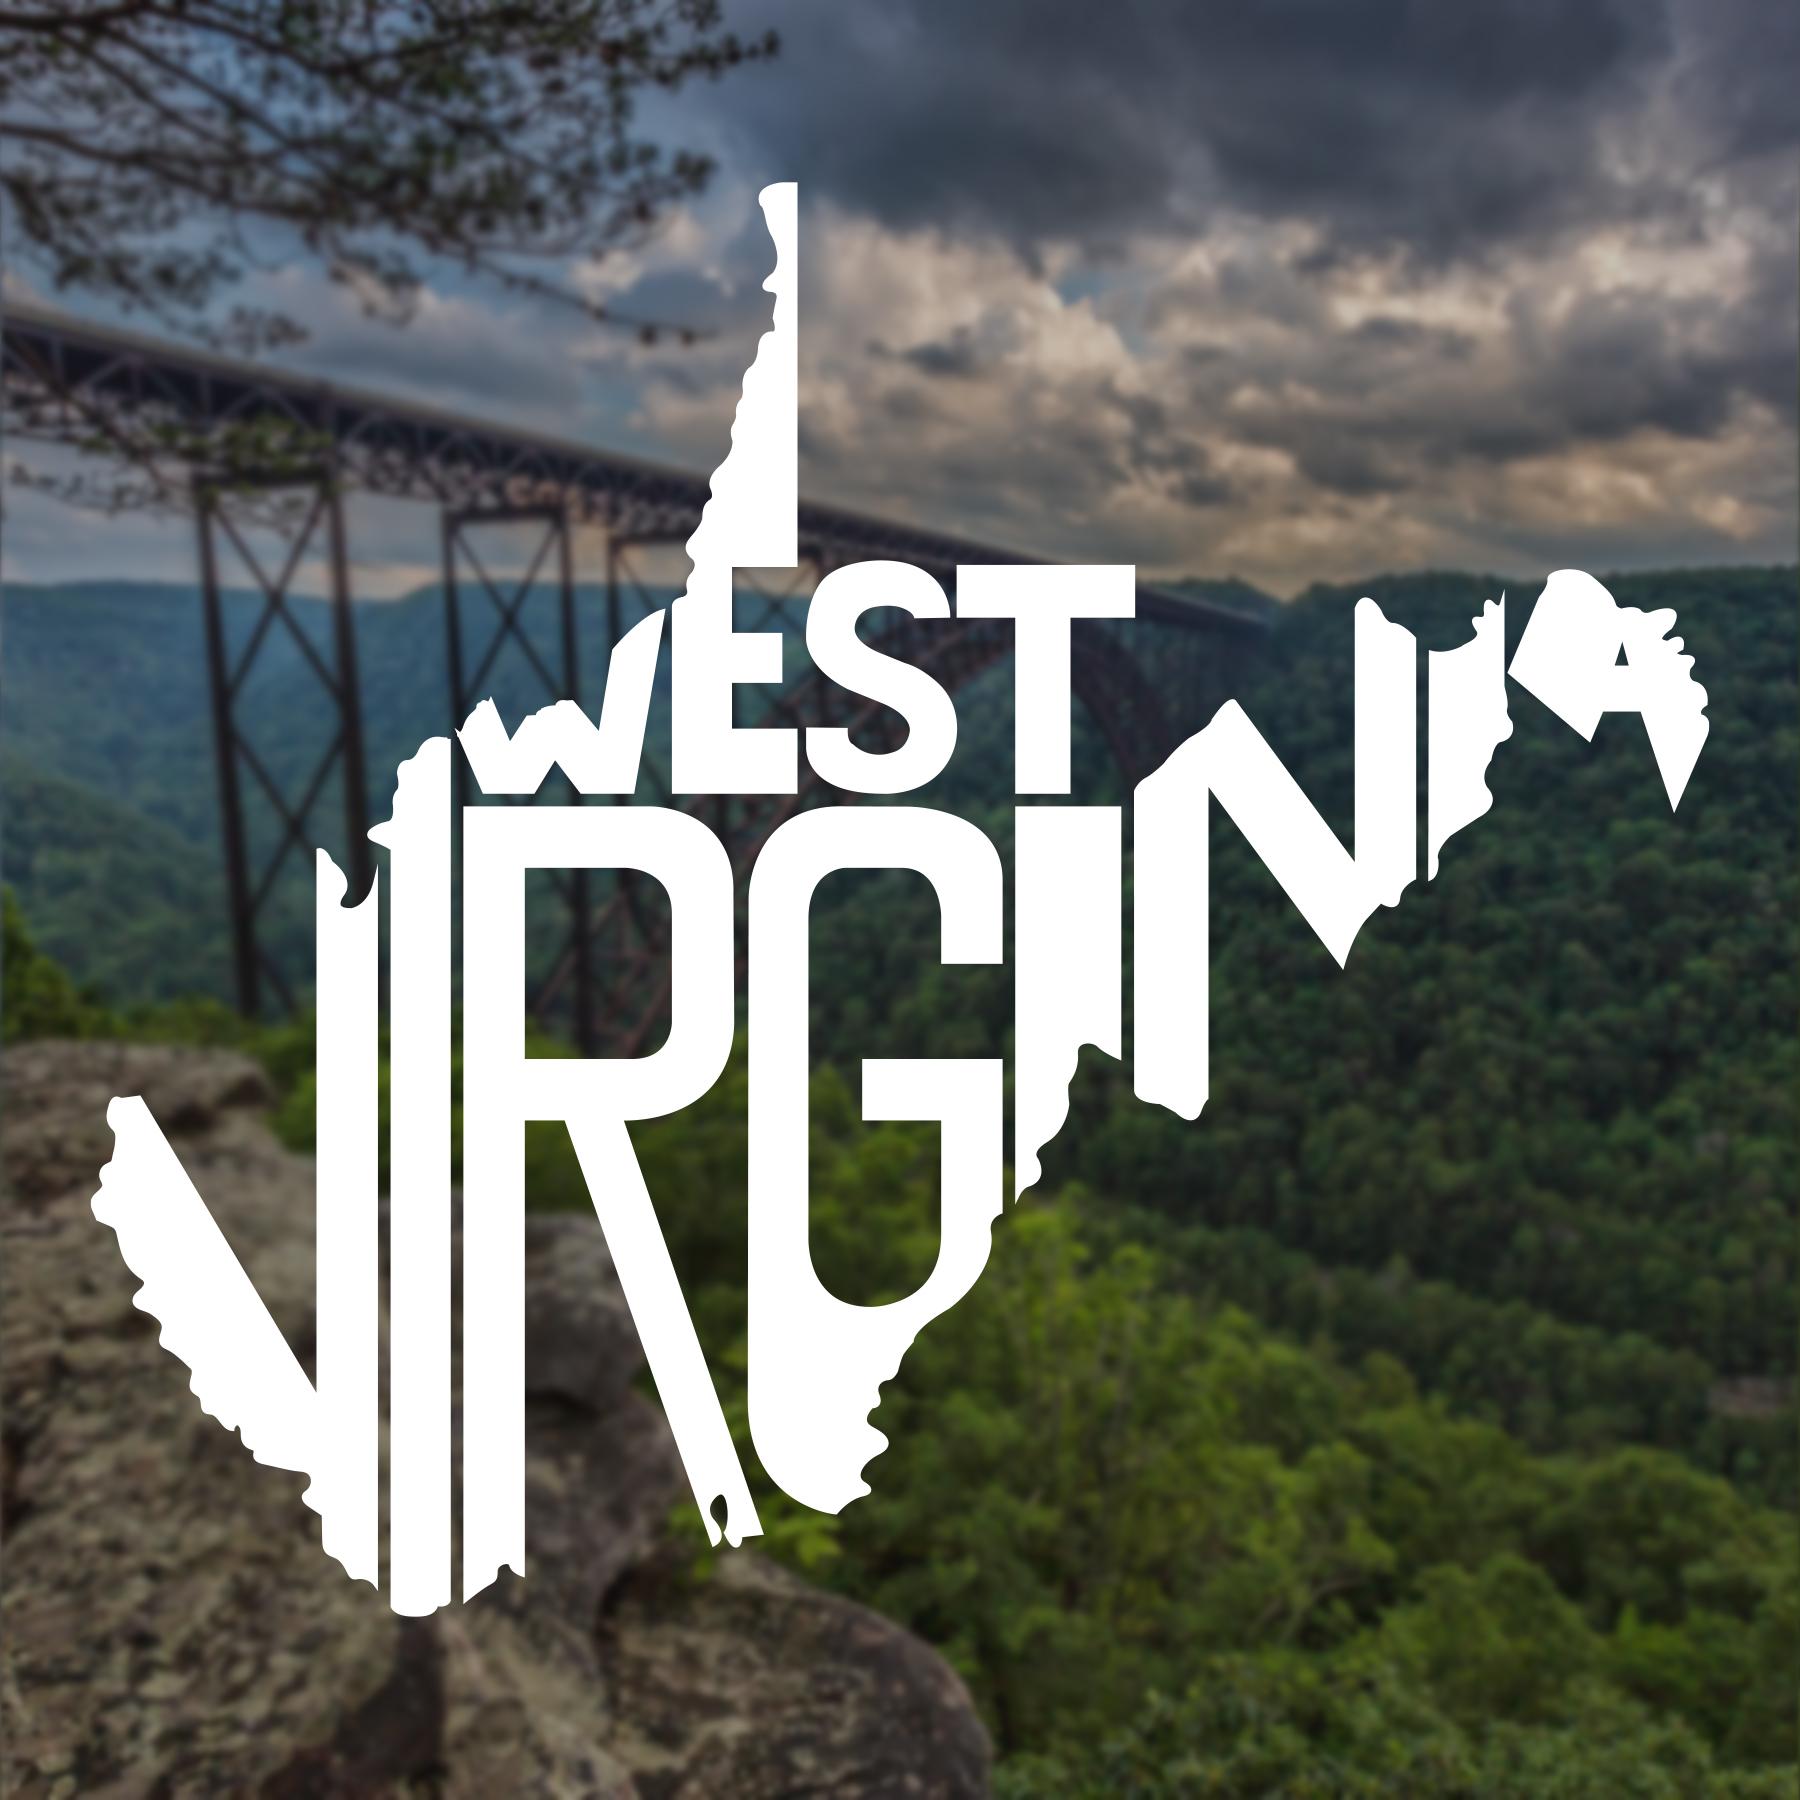 West Virginia.jpg